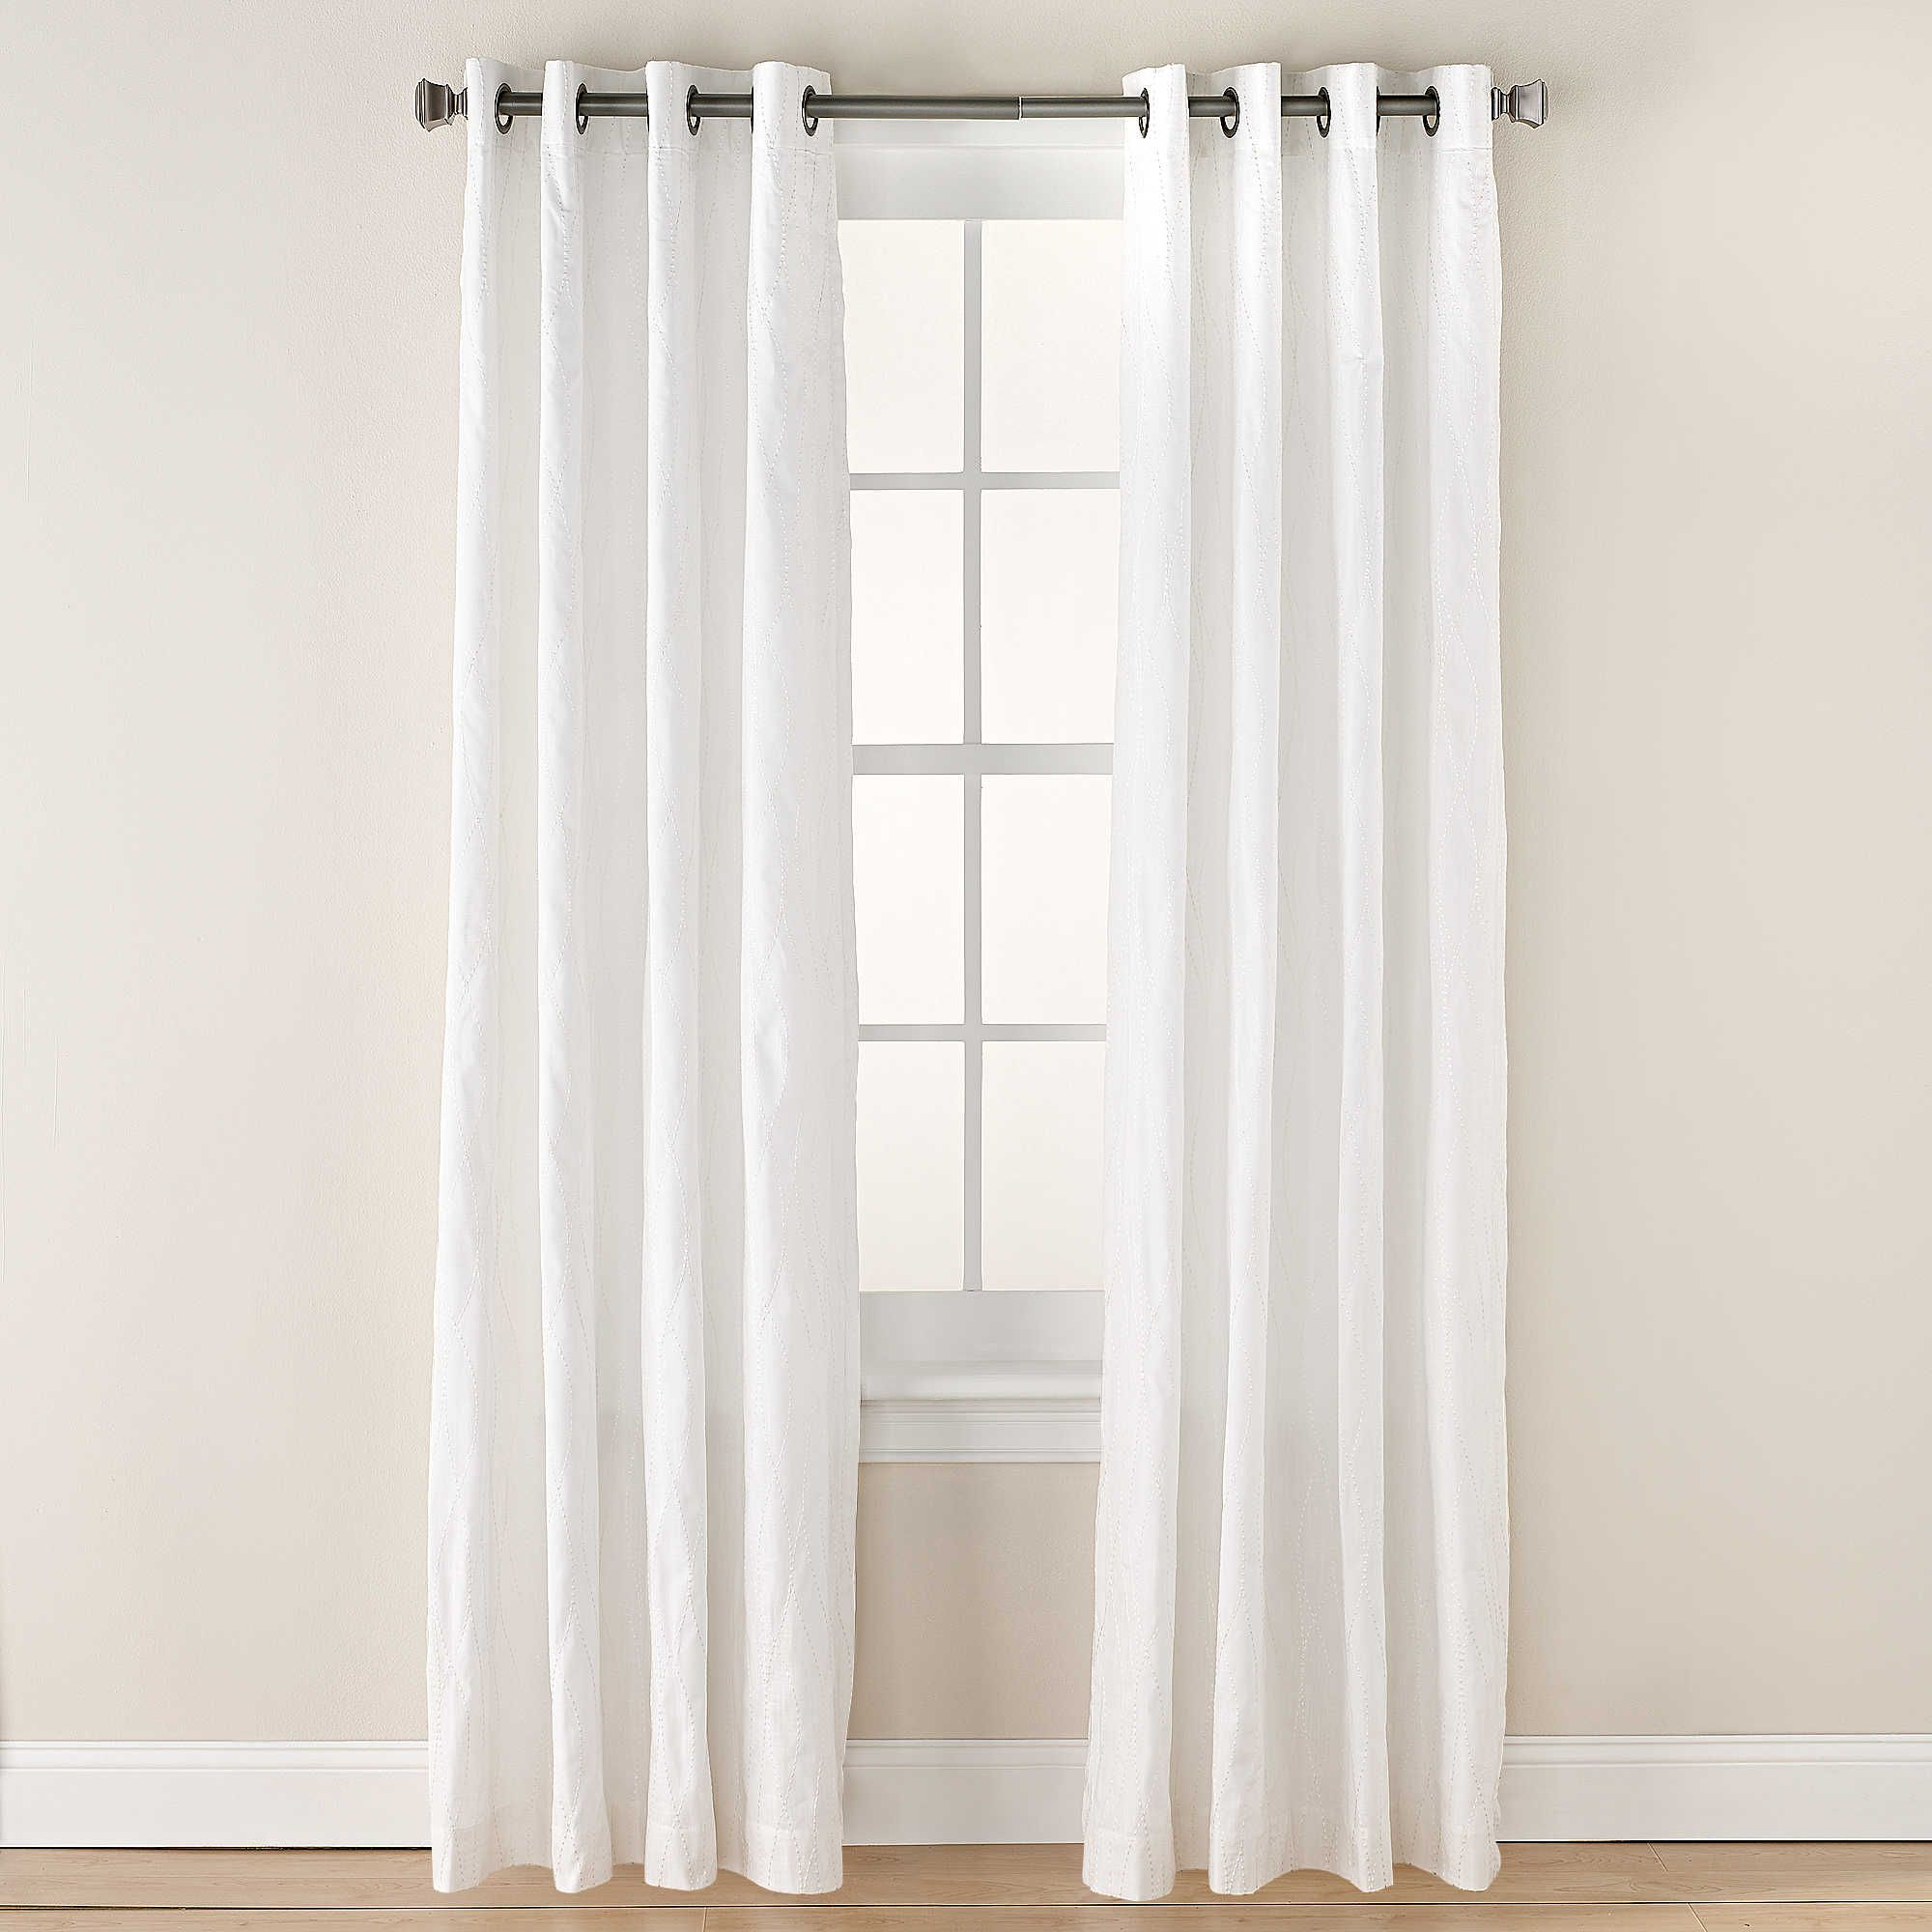 Tangent 84 Inch Grommet Top Window Curtain Panel In White White Paneling Curtains Panel Curtains